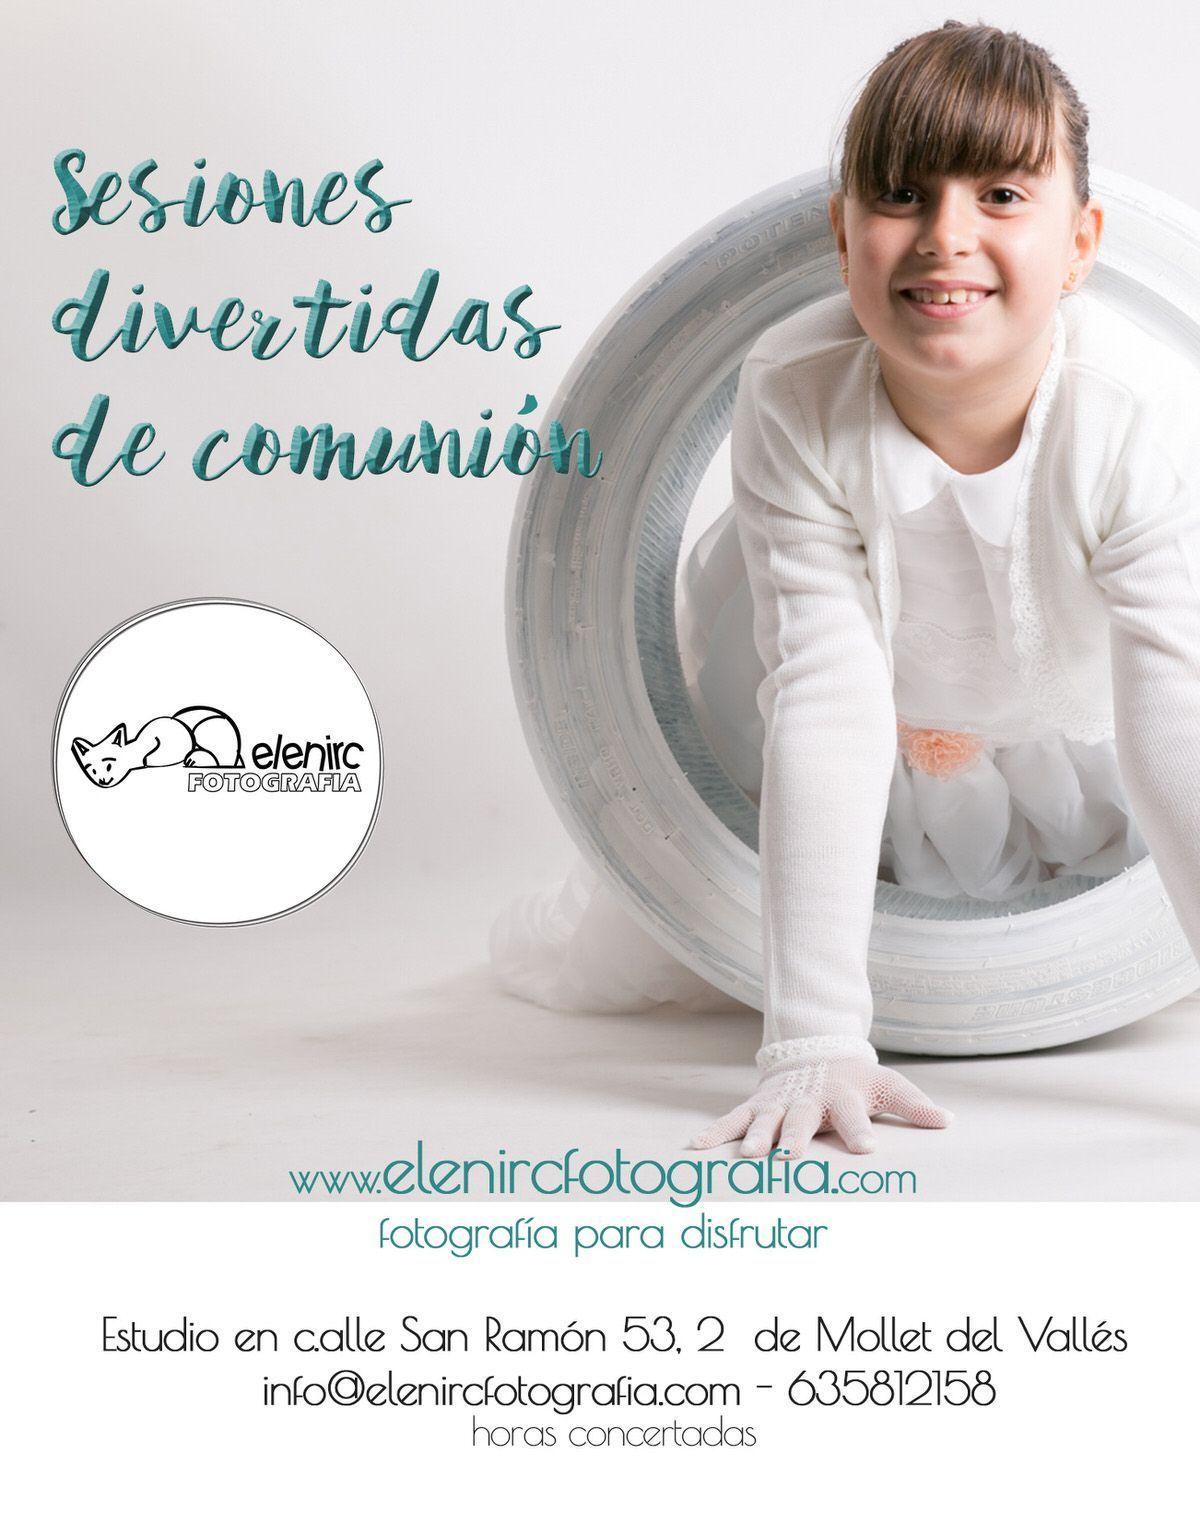 fotografo barcelona, fotografo infantil mollet, fotografo de comuniones, elenircfotografia